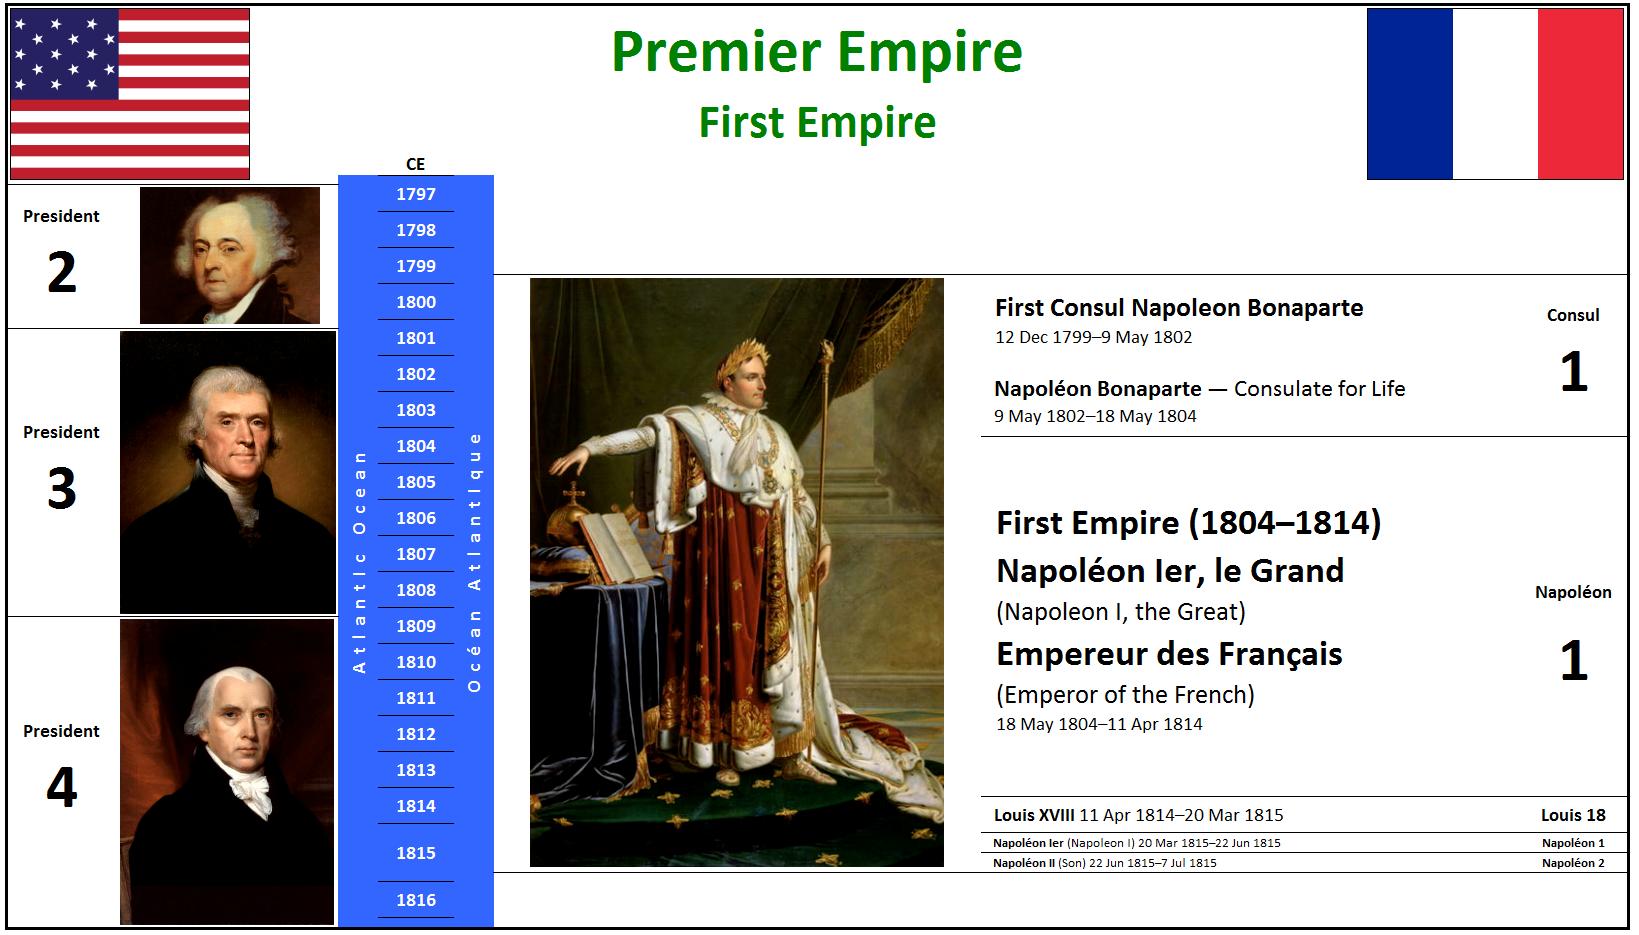 1799 Premier Empire